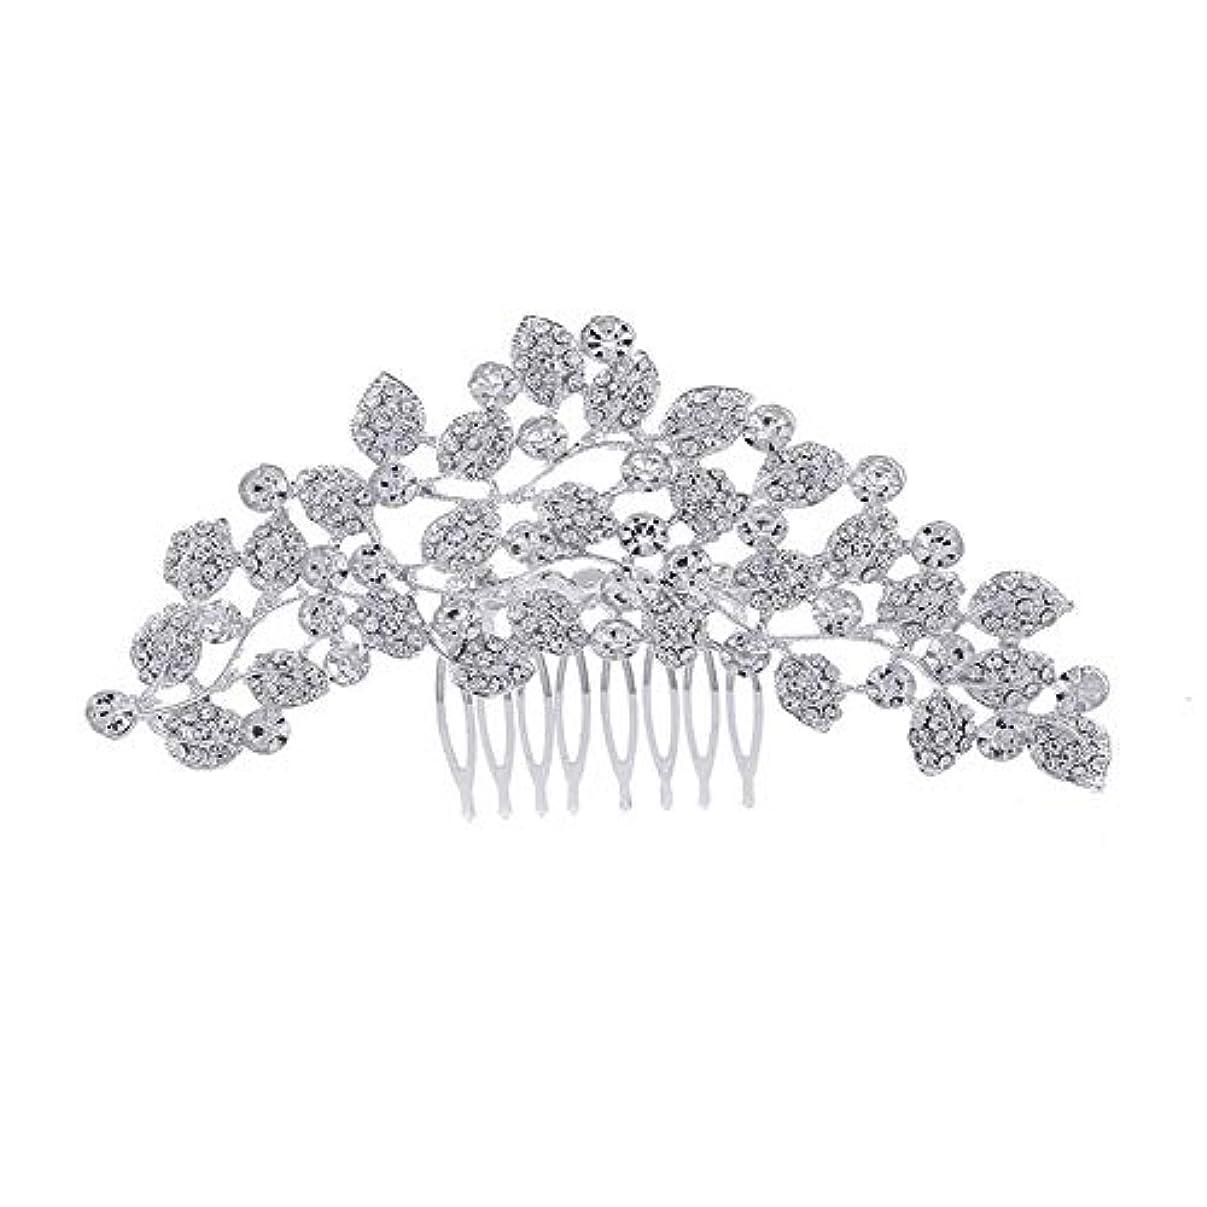 使い込む手伝う癒す髪の櫛、櫛、ブライダル髪、櫛、髪の櫛、ラインストーンの櫛、葉の髪の櫛、結婚式の髪の櫛